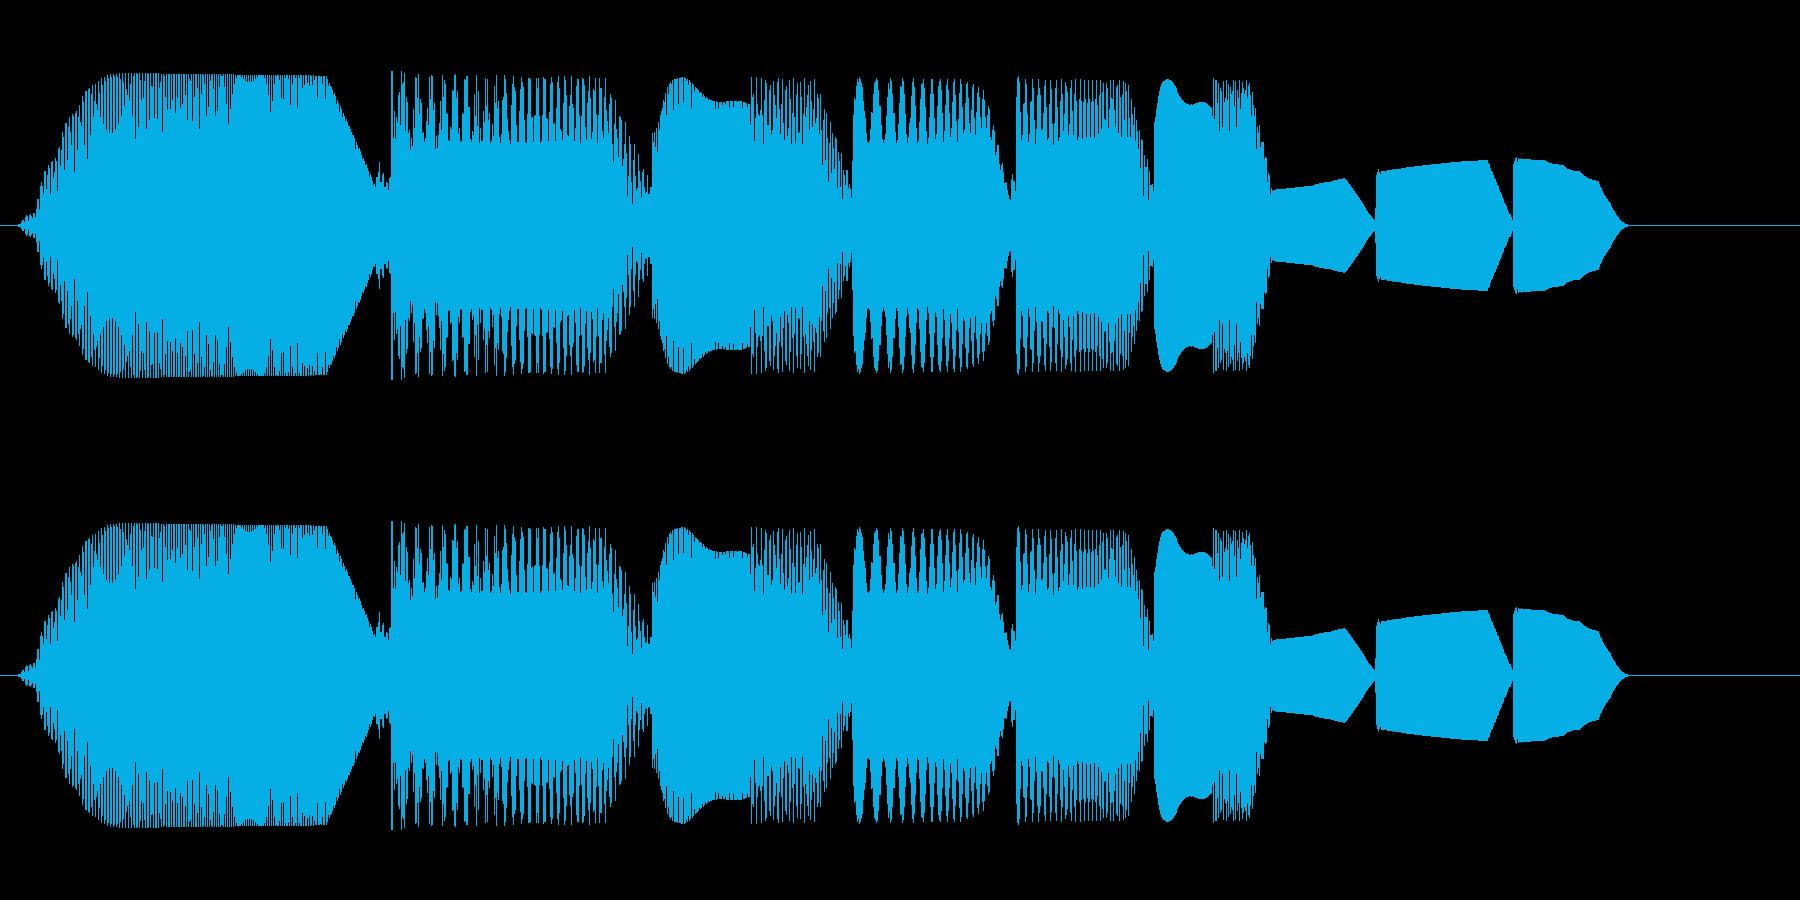 プワプワァ(泡の音色)の再生済みの波形